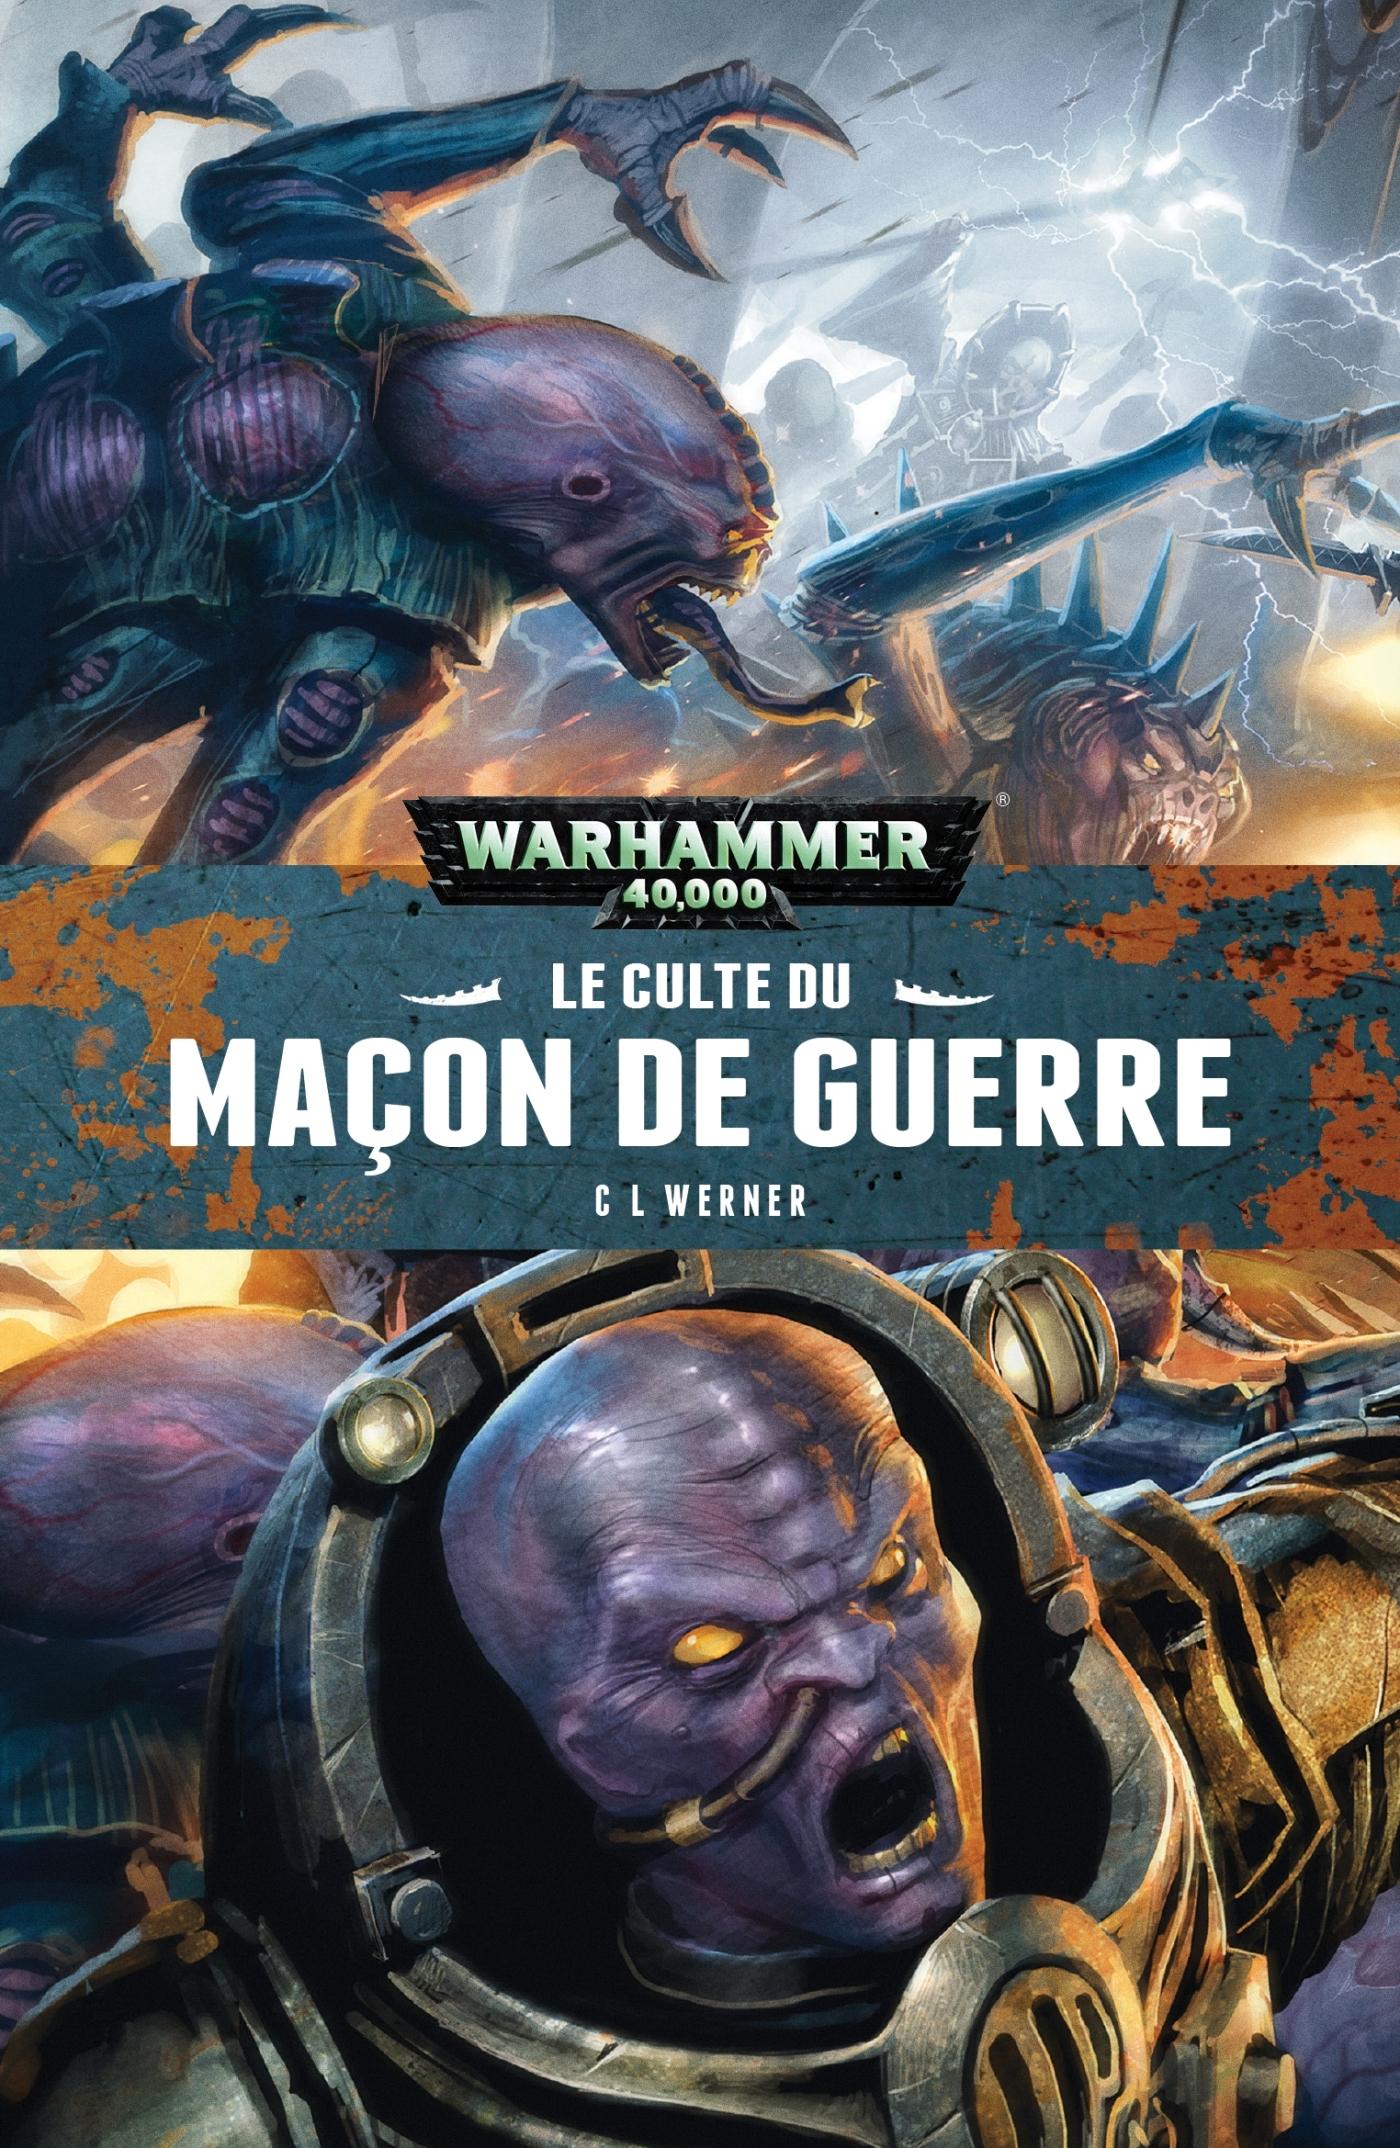 MACON DE GUERRE